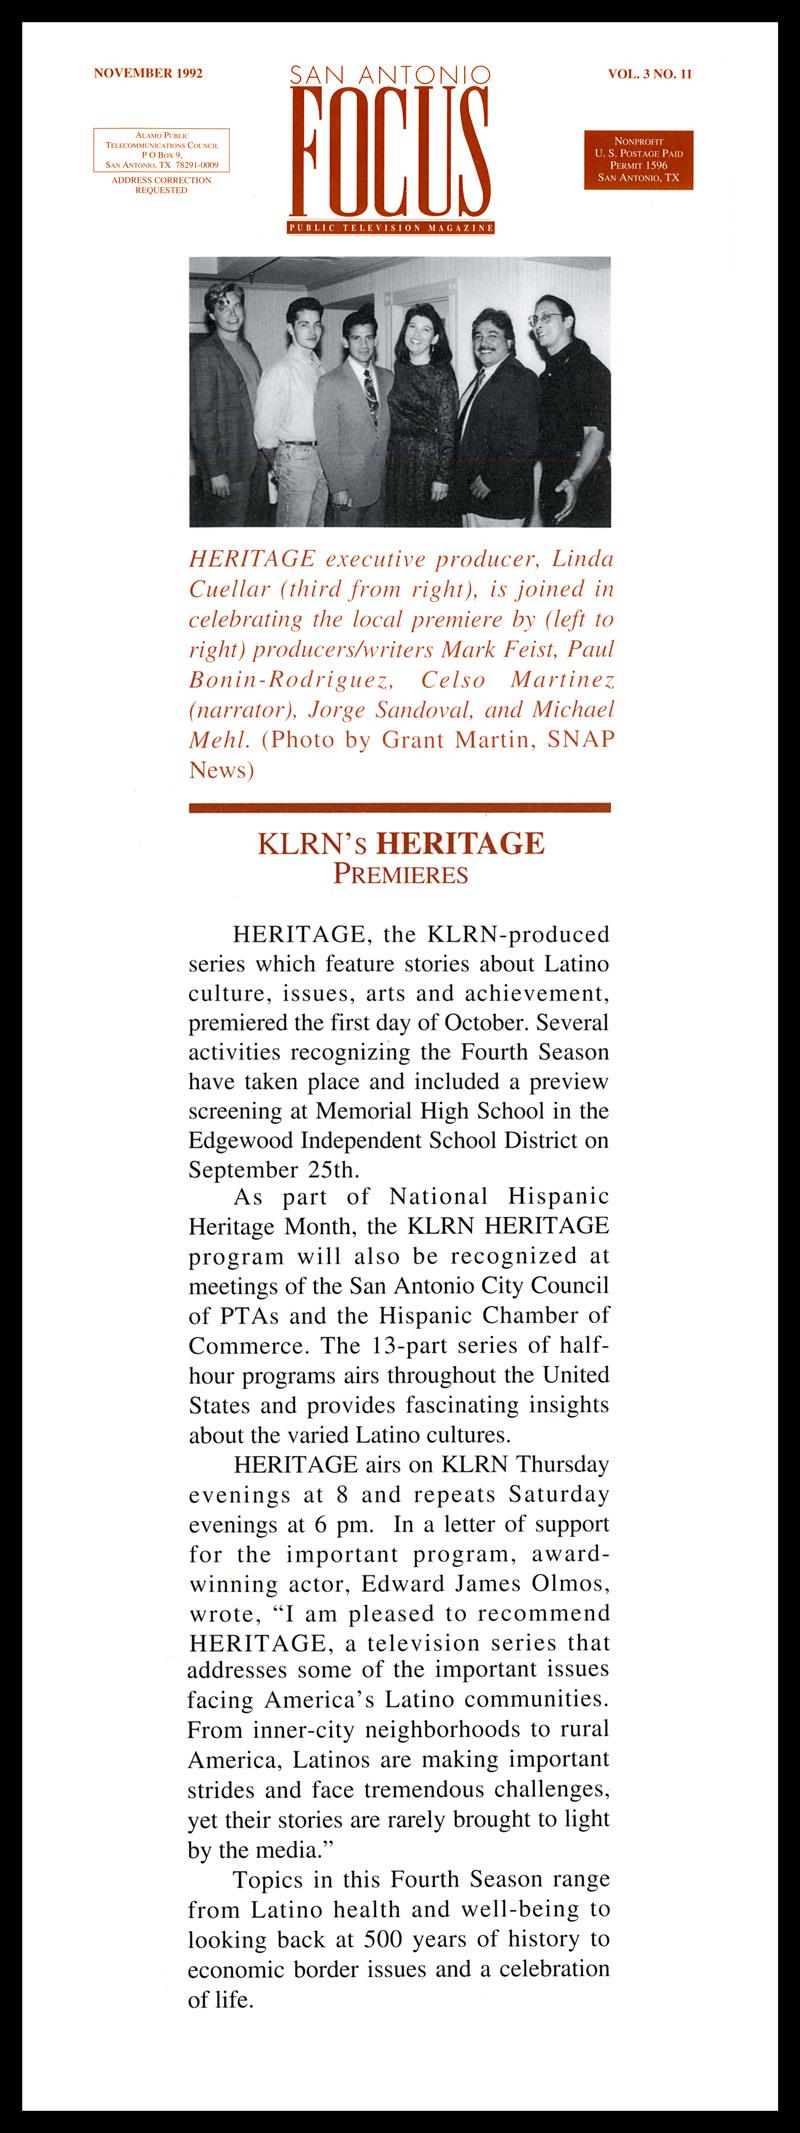 1992_Michael-Mehl_San-Antonio-Focus-Magazine_Heritage-Series-On-KLRN-TV